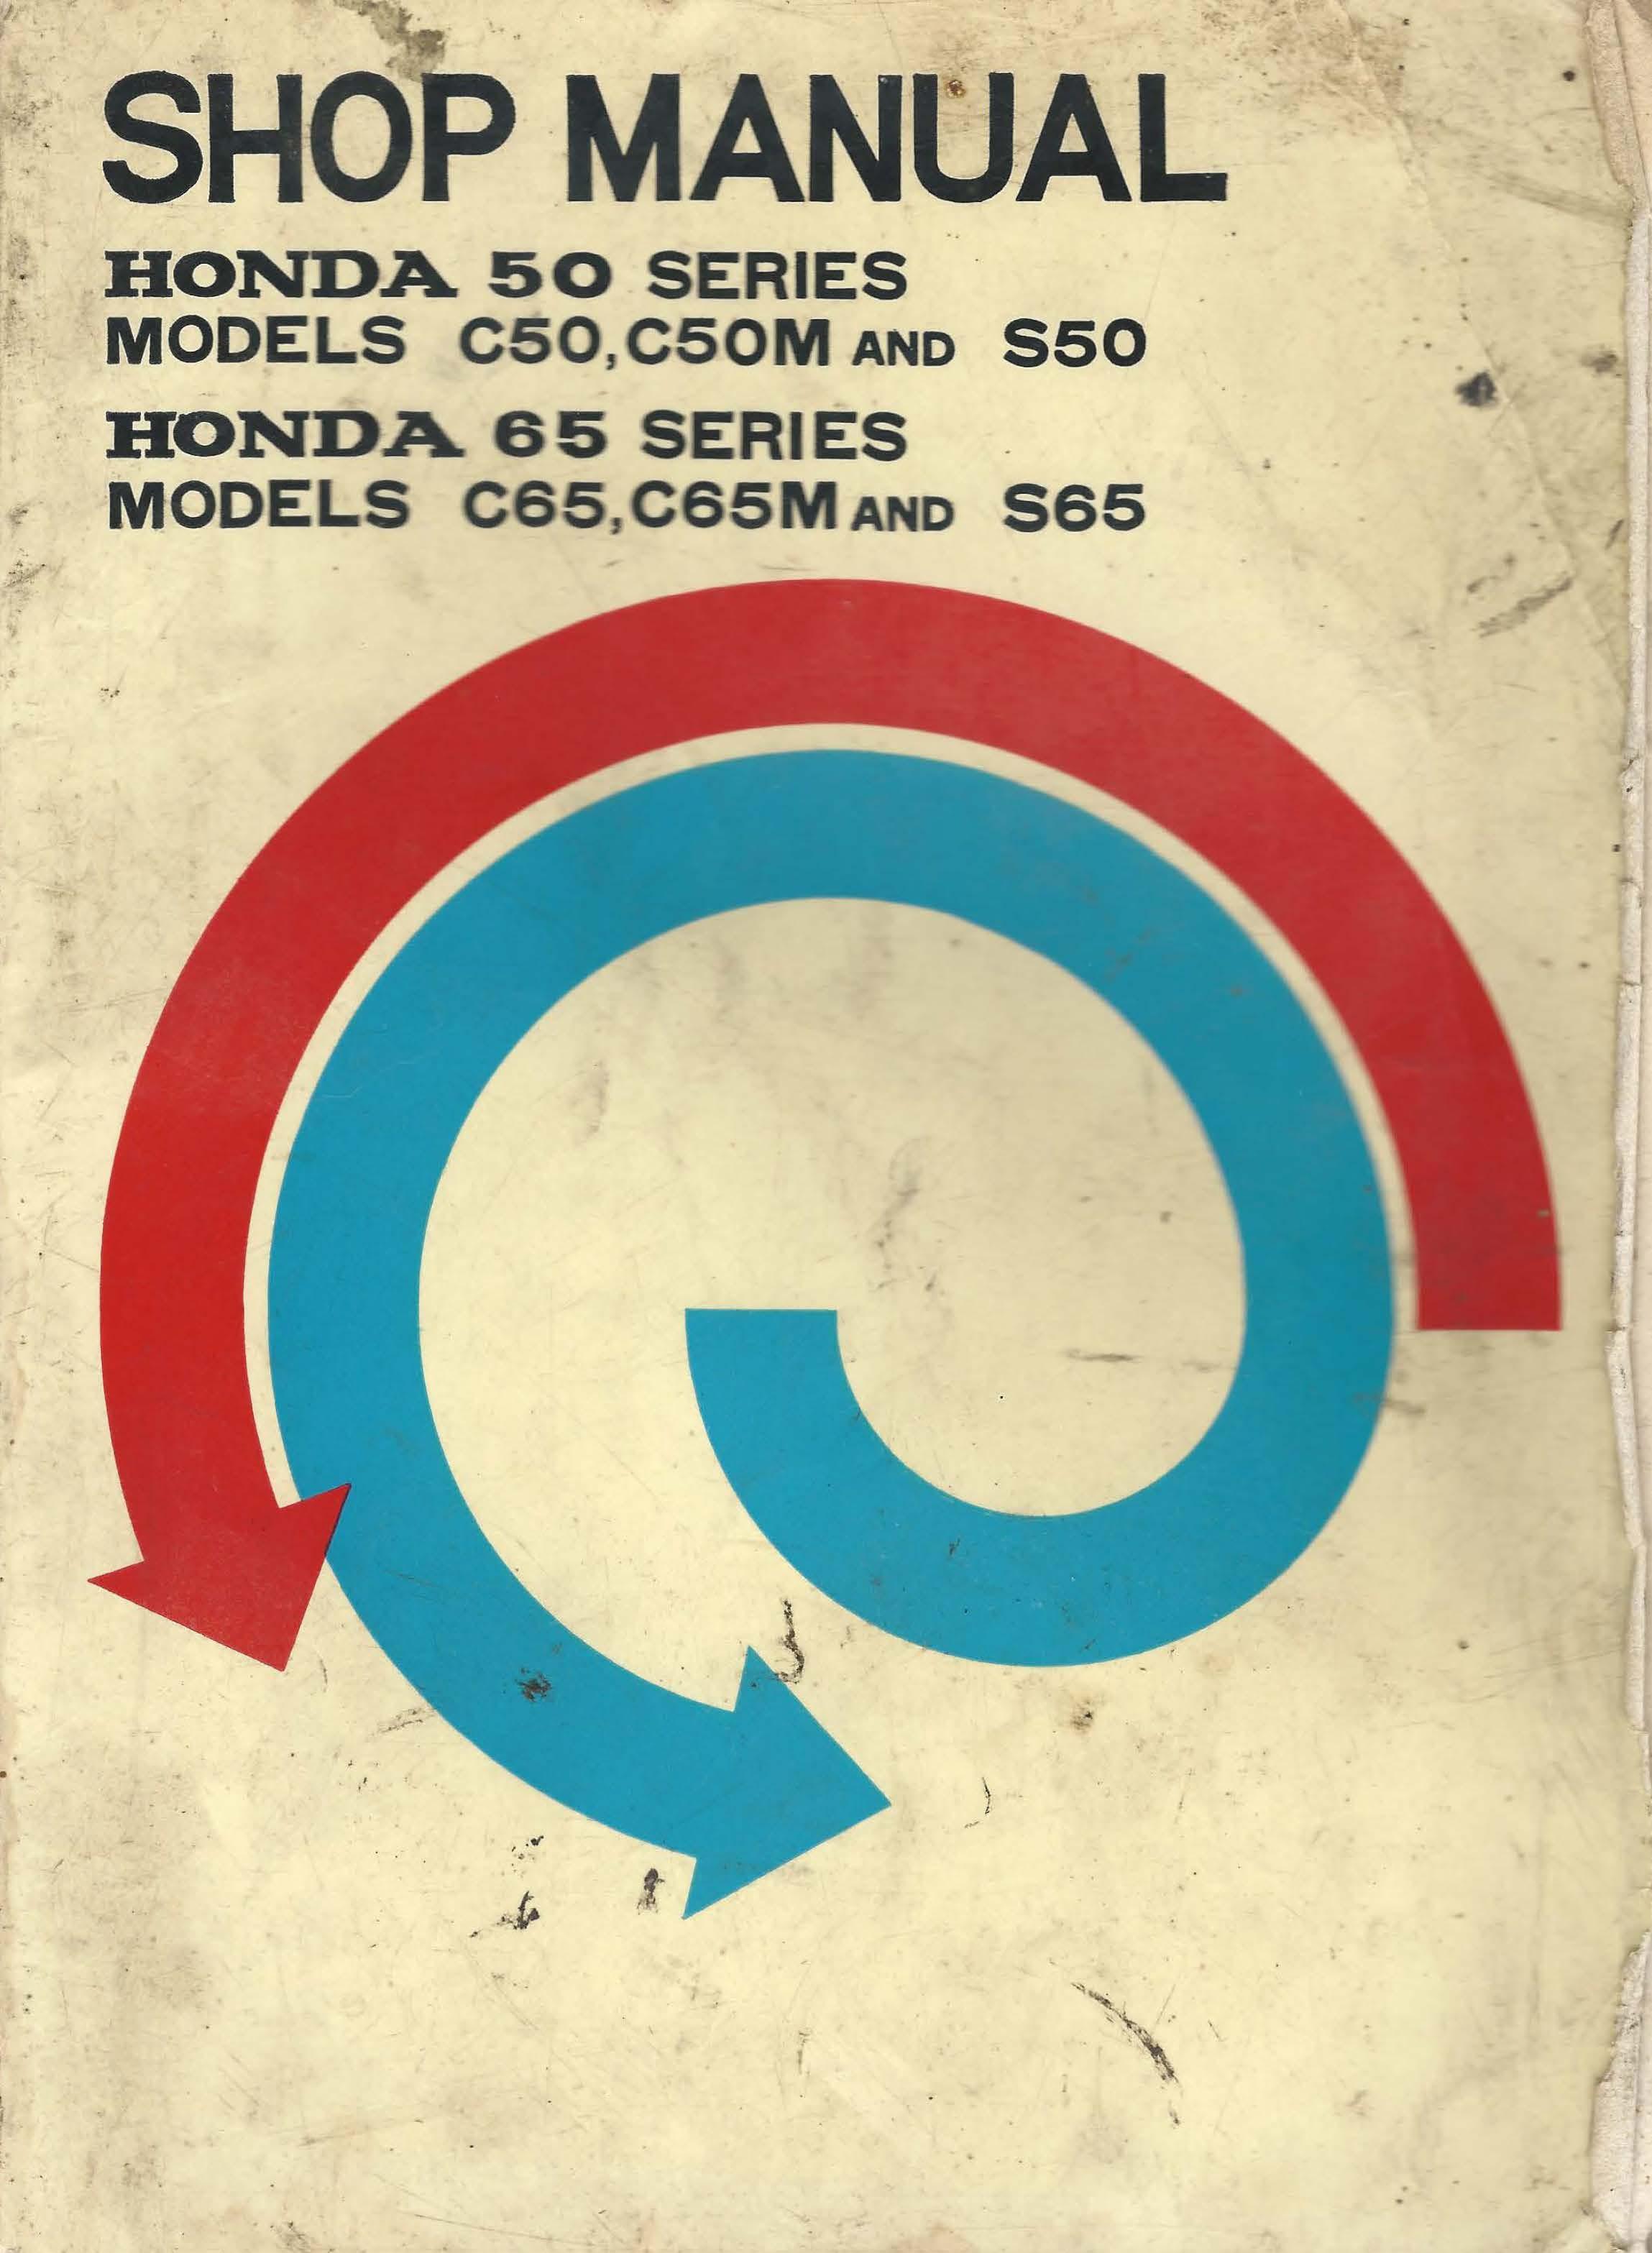 Workshop manual for Honda C65 (1966)